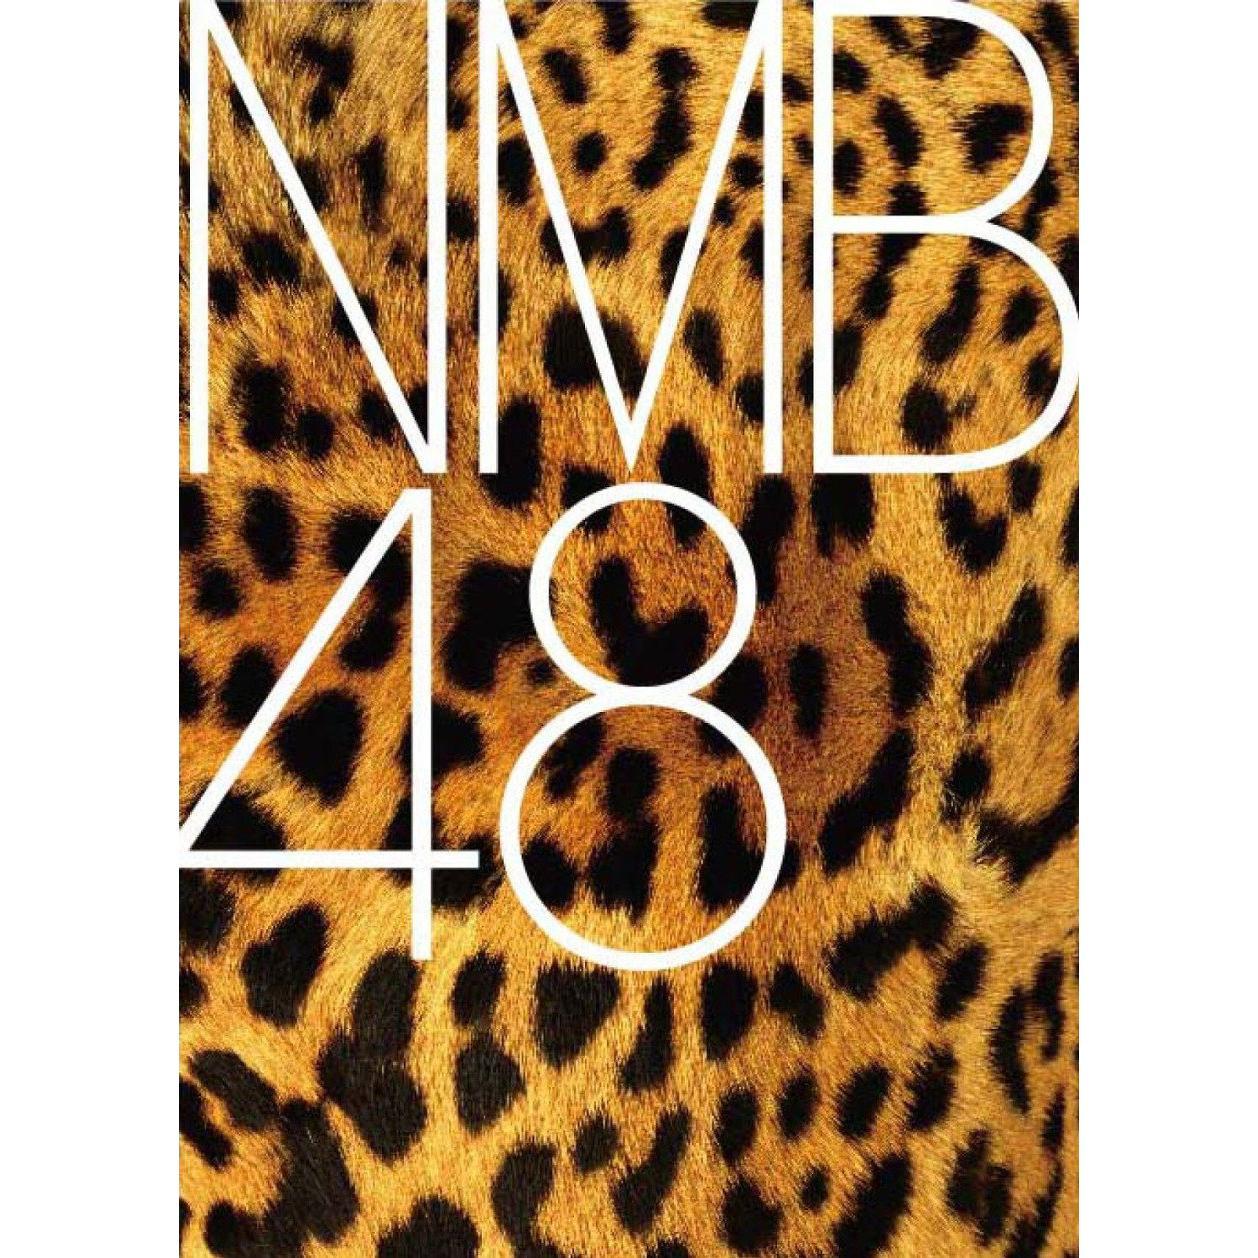 NMB48で一番のダイナマイトボディーの持ち主が三田麻央であるという事実 他